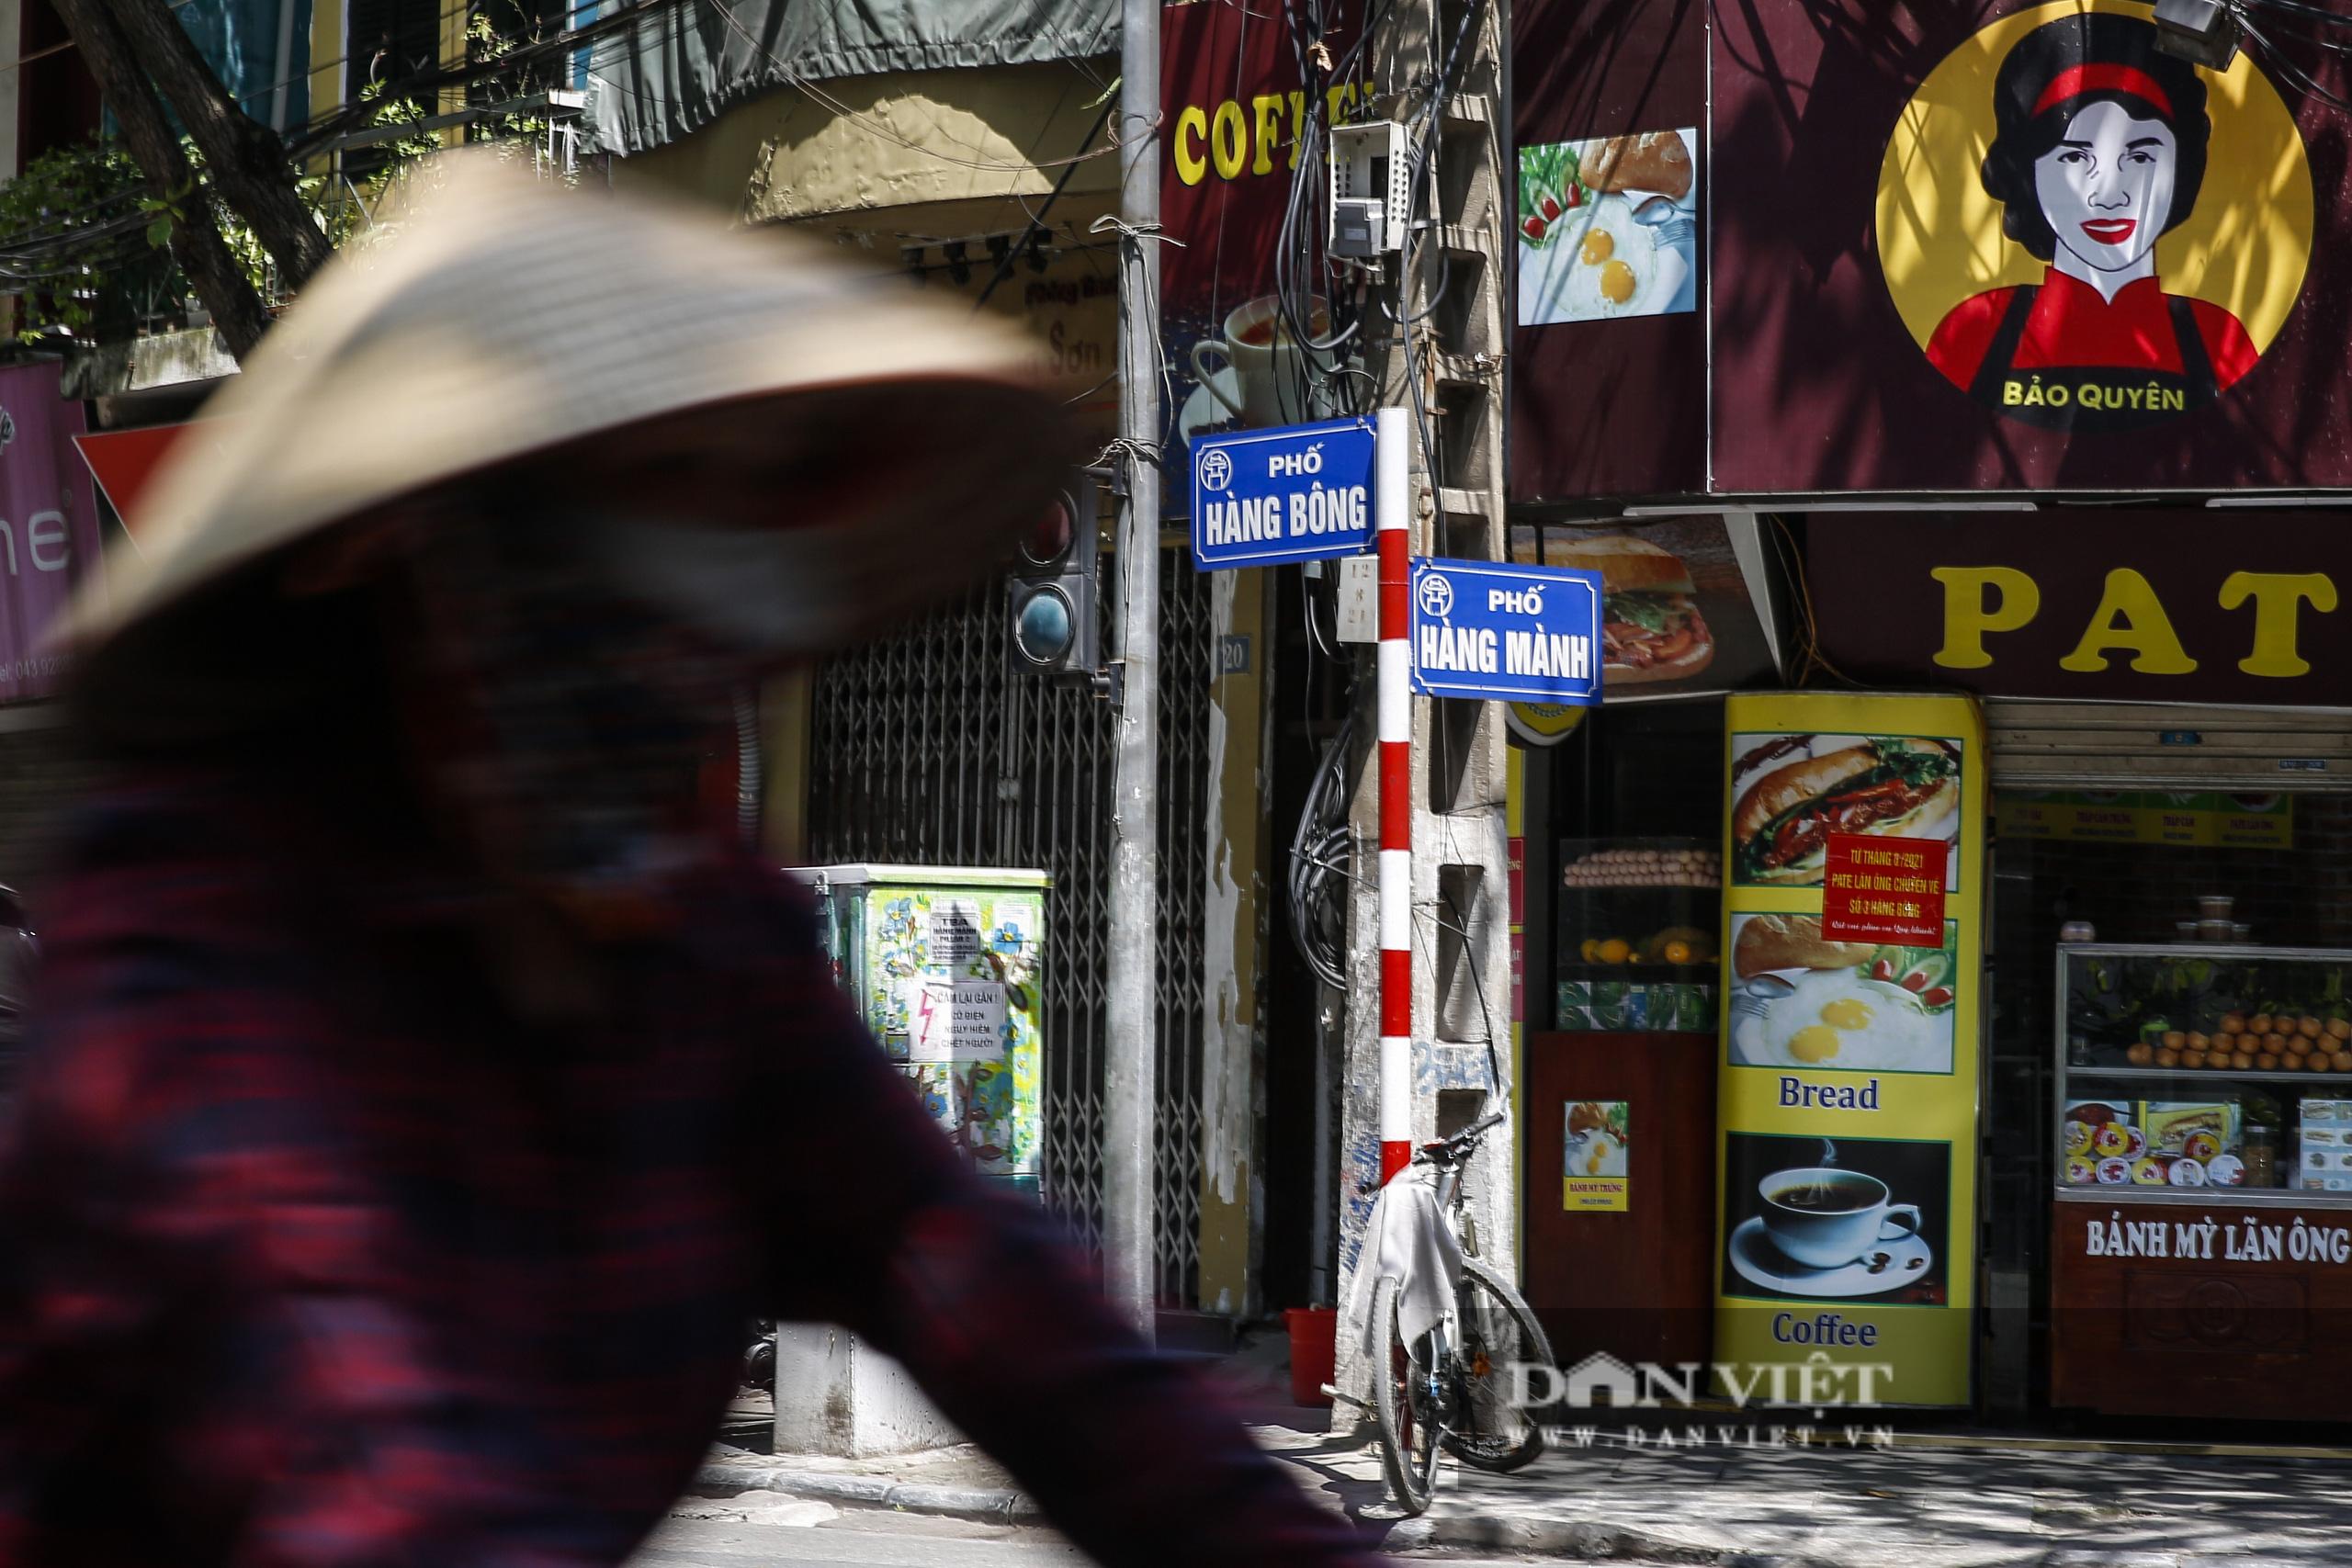 Hà Nội: Kỳ lạ con phố cổ dài 1 Km nhưng có 6 tên gọi khác nhau - Ảnh 3.